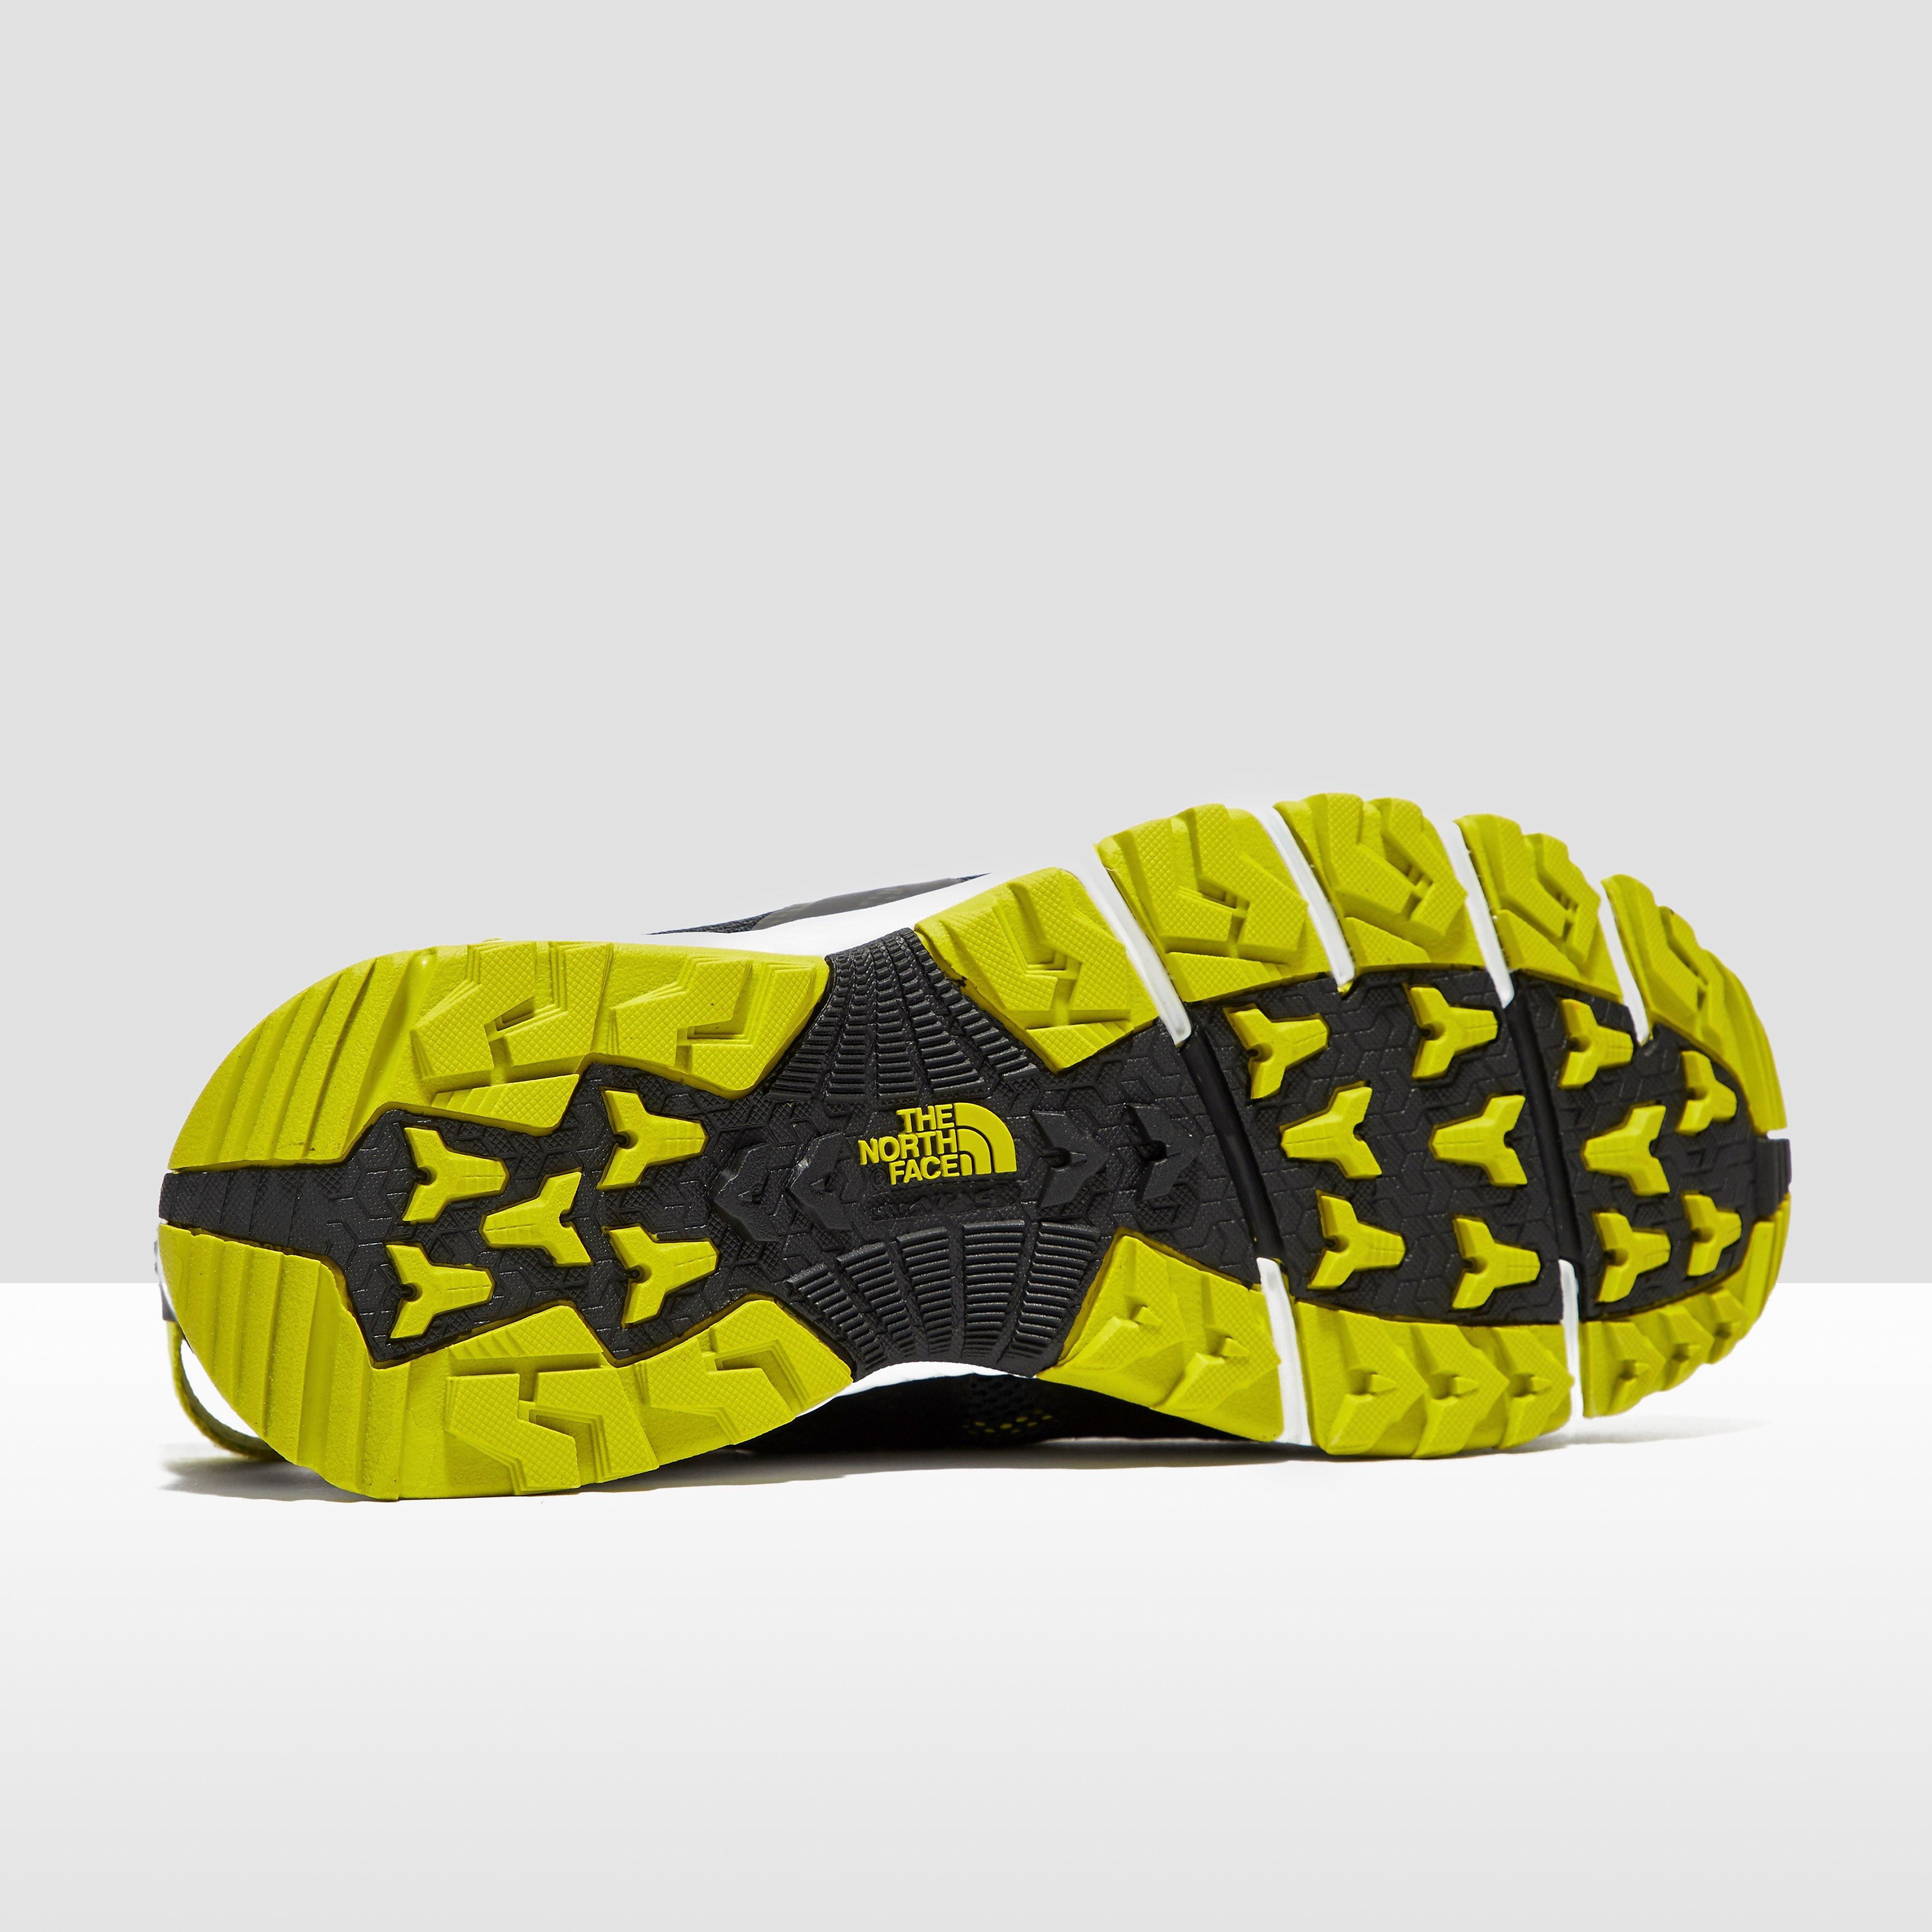 The North Face Litewave Men's Amphibious Shoes